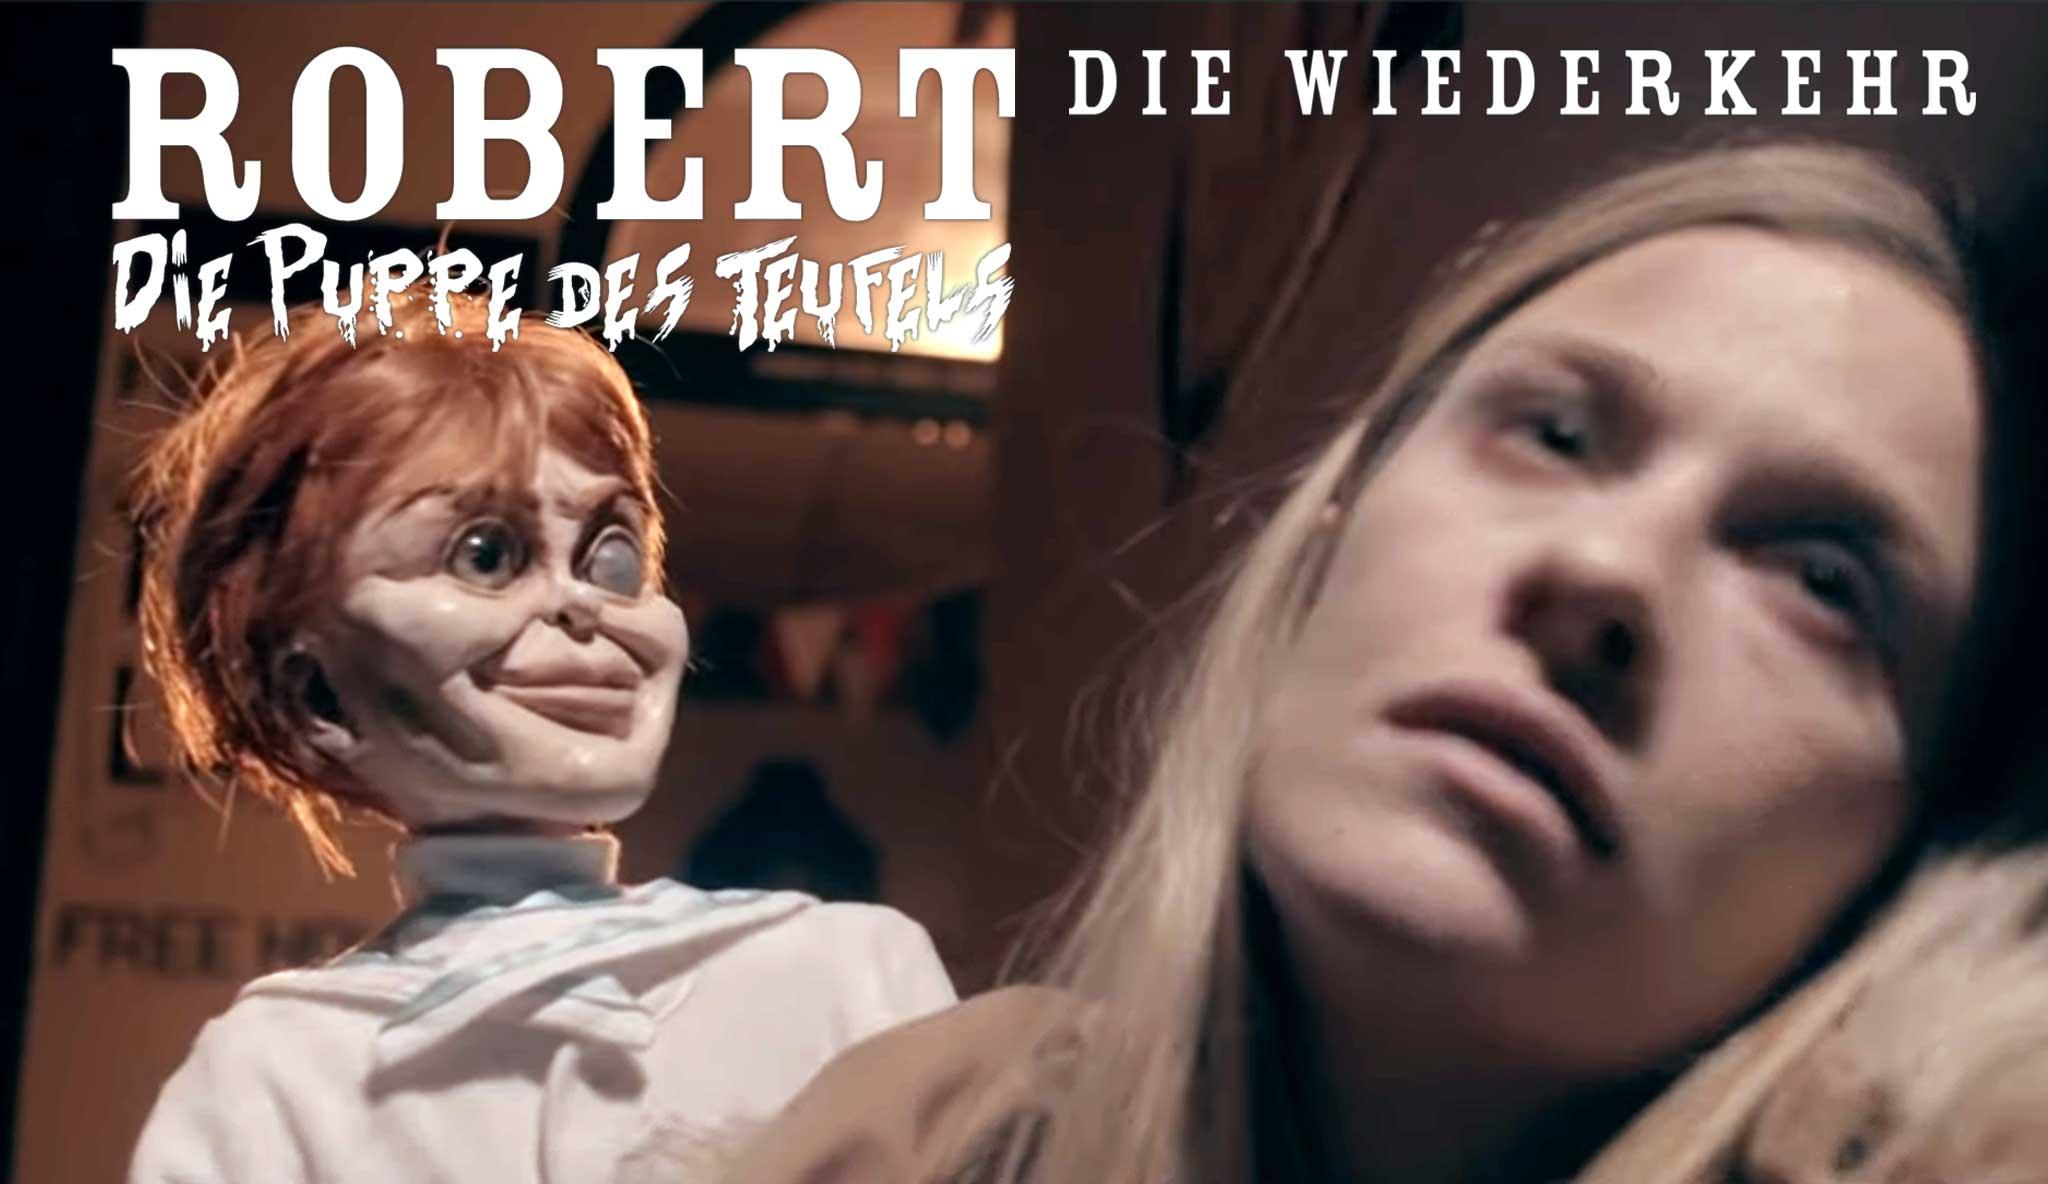 robert-die-puppe-des-teufels-2-die-wiederkehr\header.jpg